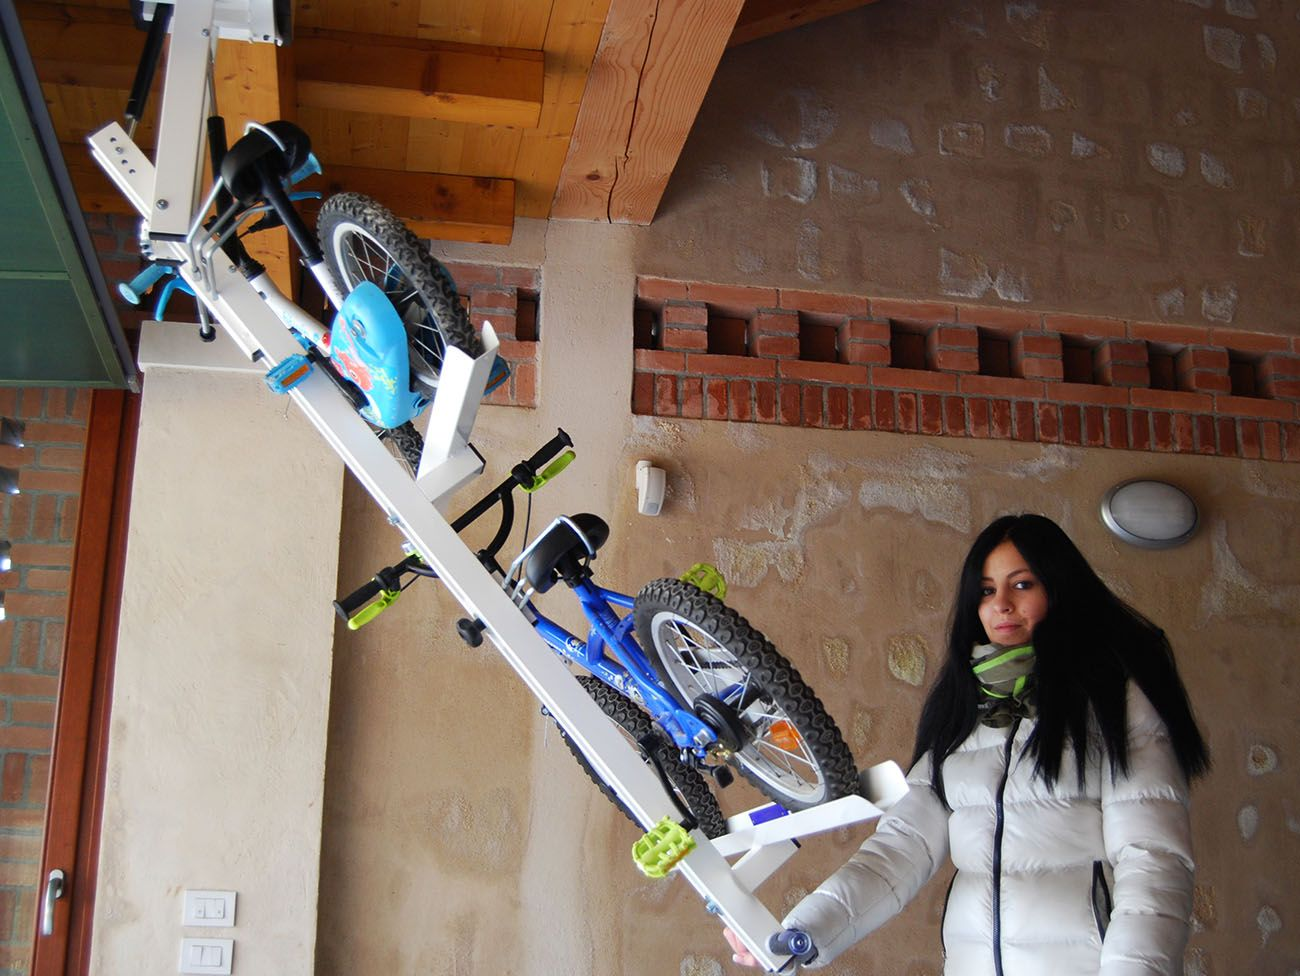 自転車を駐車場の天井にフラットに収納できる Flat Bike Lift 画像